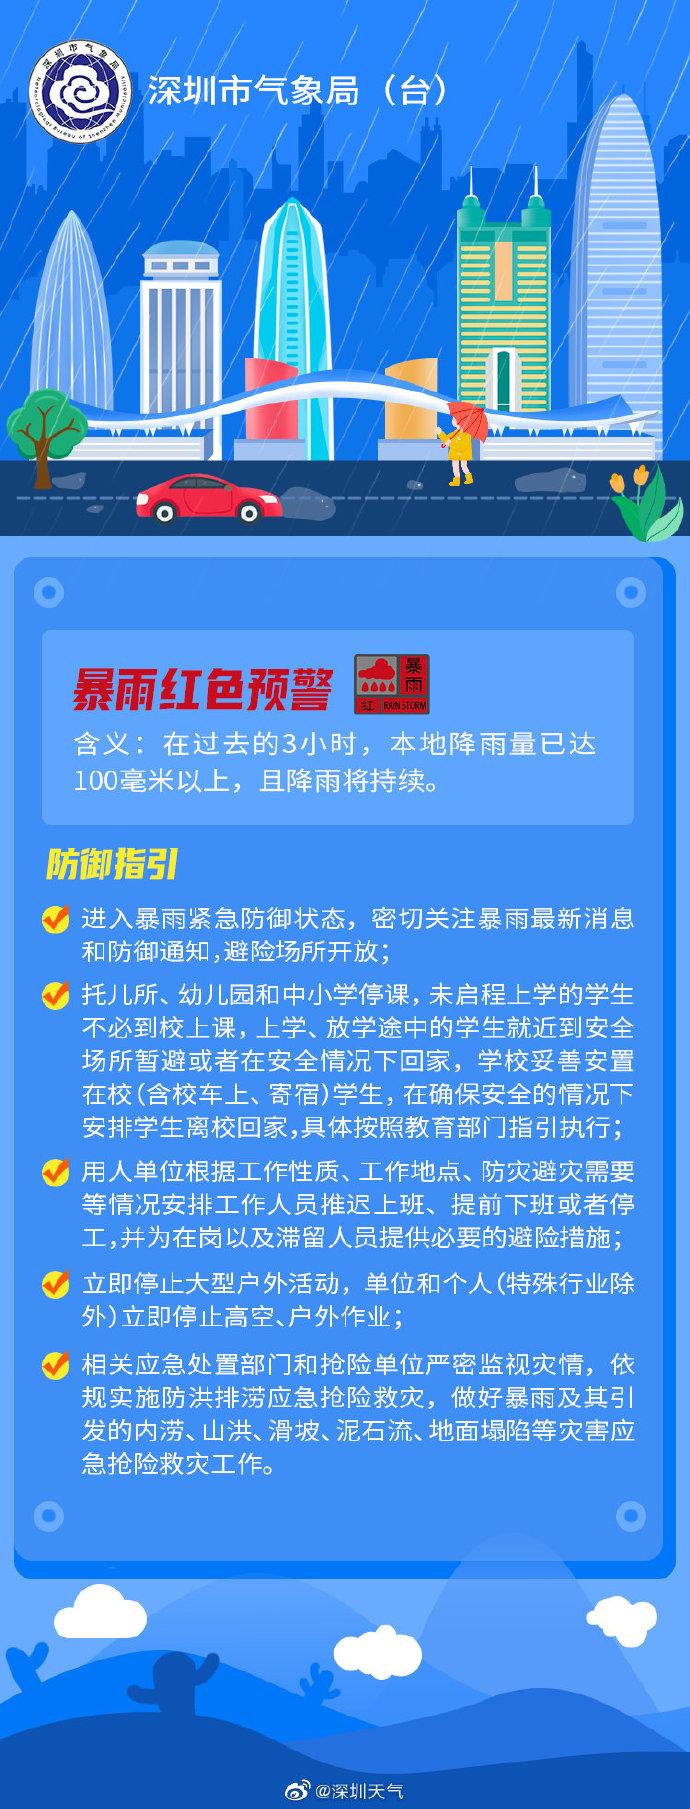 深圳暴雨红色预警:全市托儿所、幼儿园和中小学停课